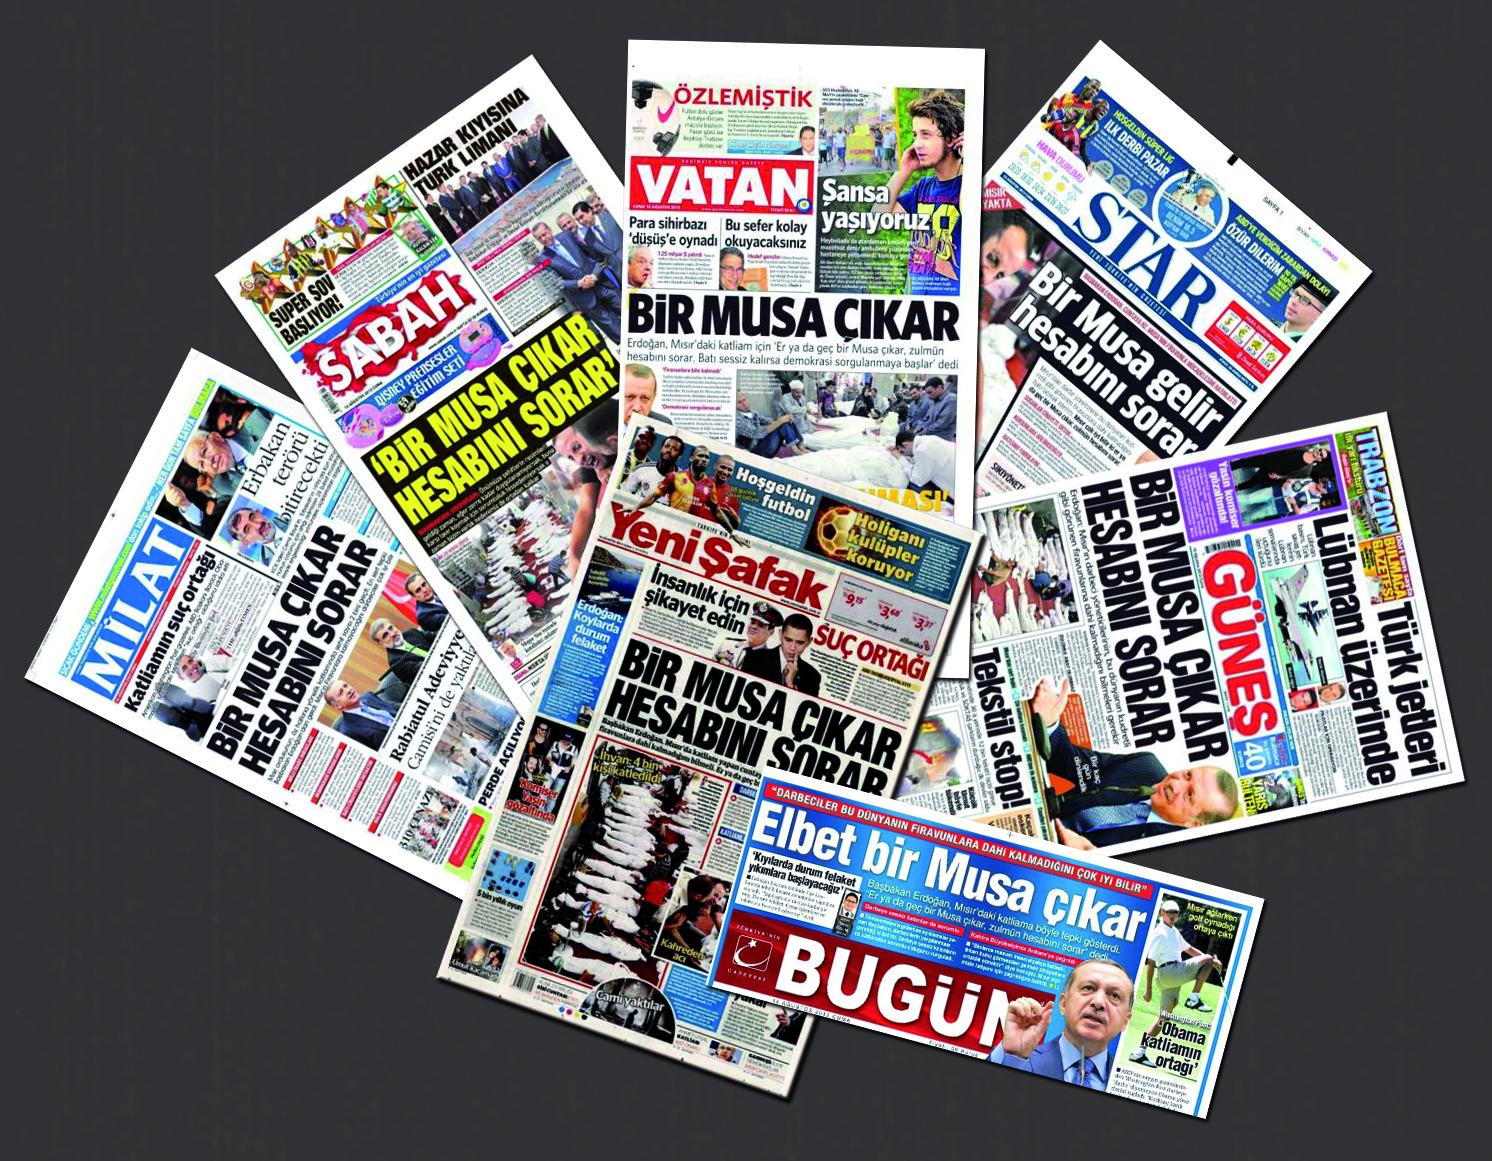 Türkiye'de basın özgürlüğü: Yandaş medyaya kamu bankalarından inanılmaz kaynak